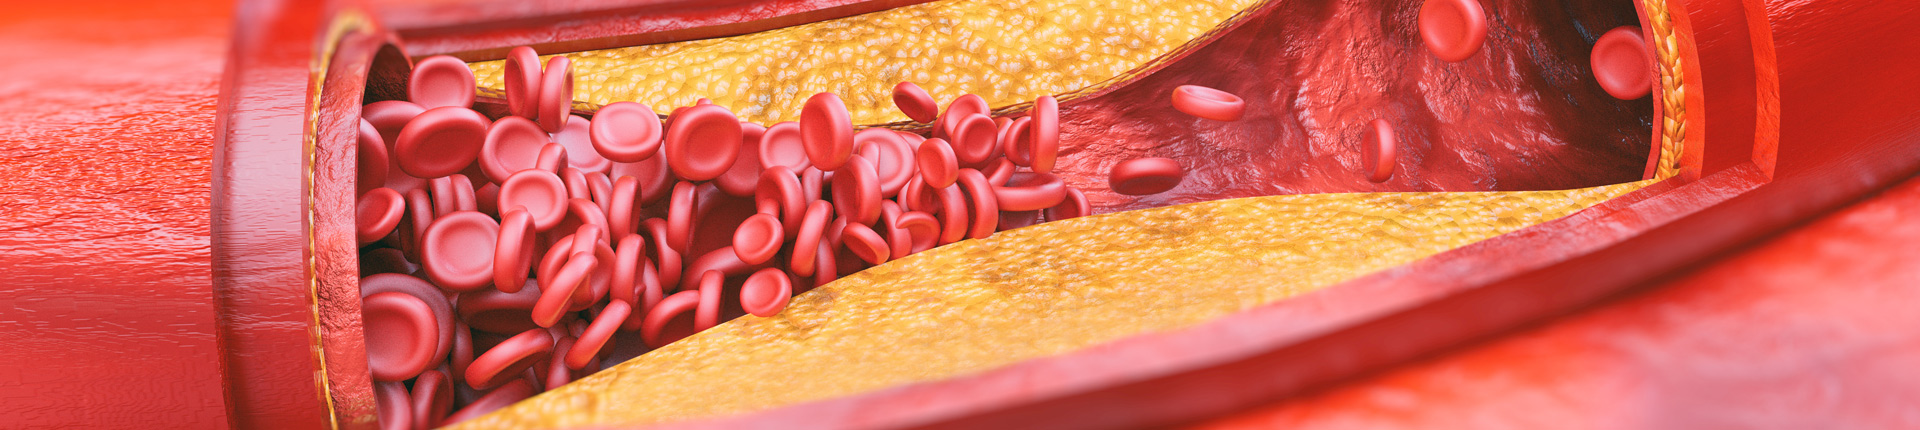 Cholesterol: zabójca czy sprzymierzeniec?